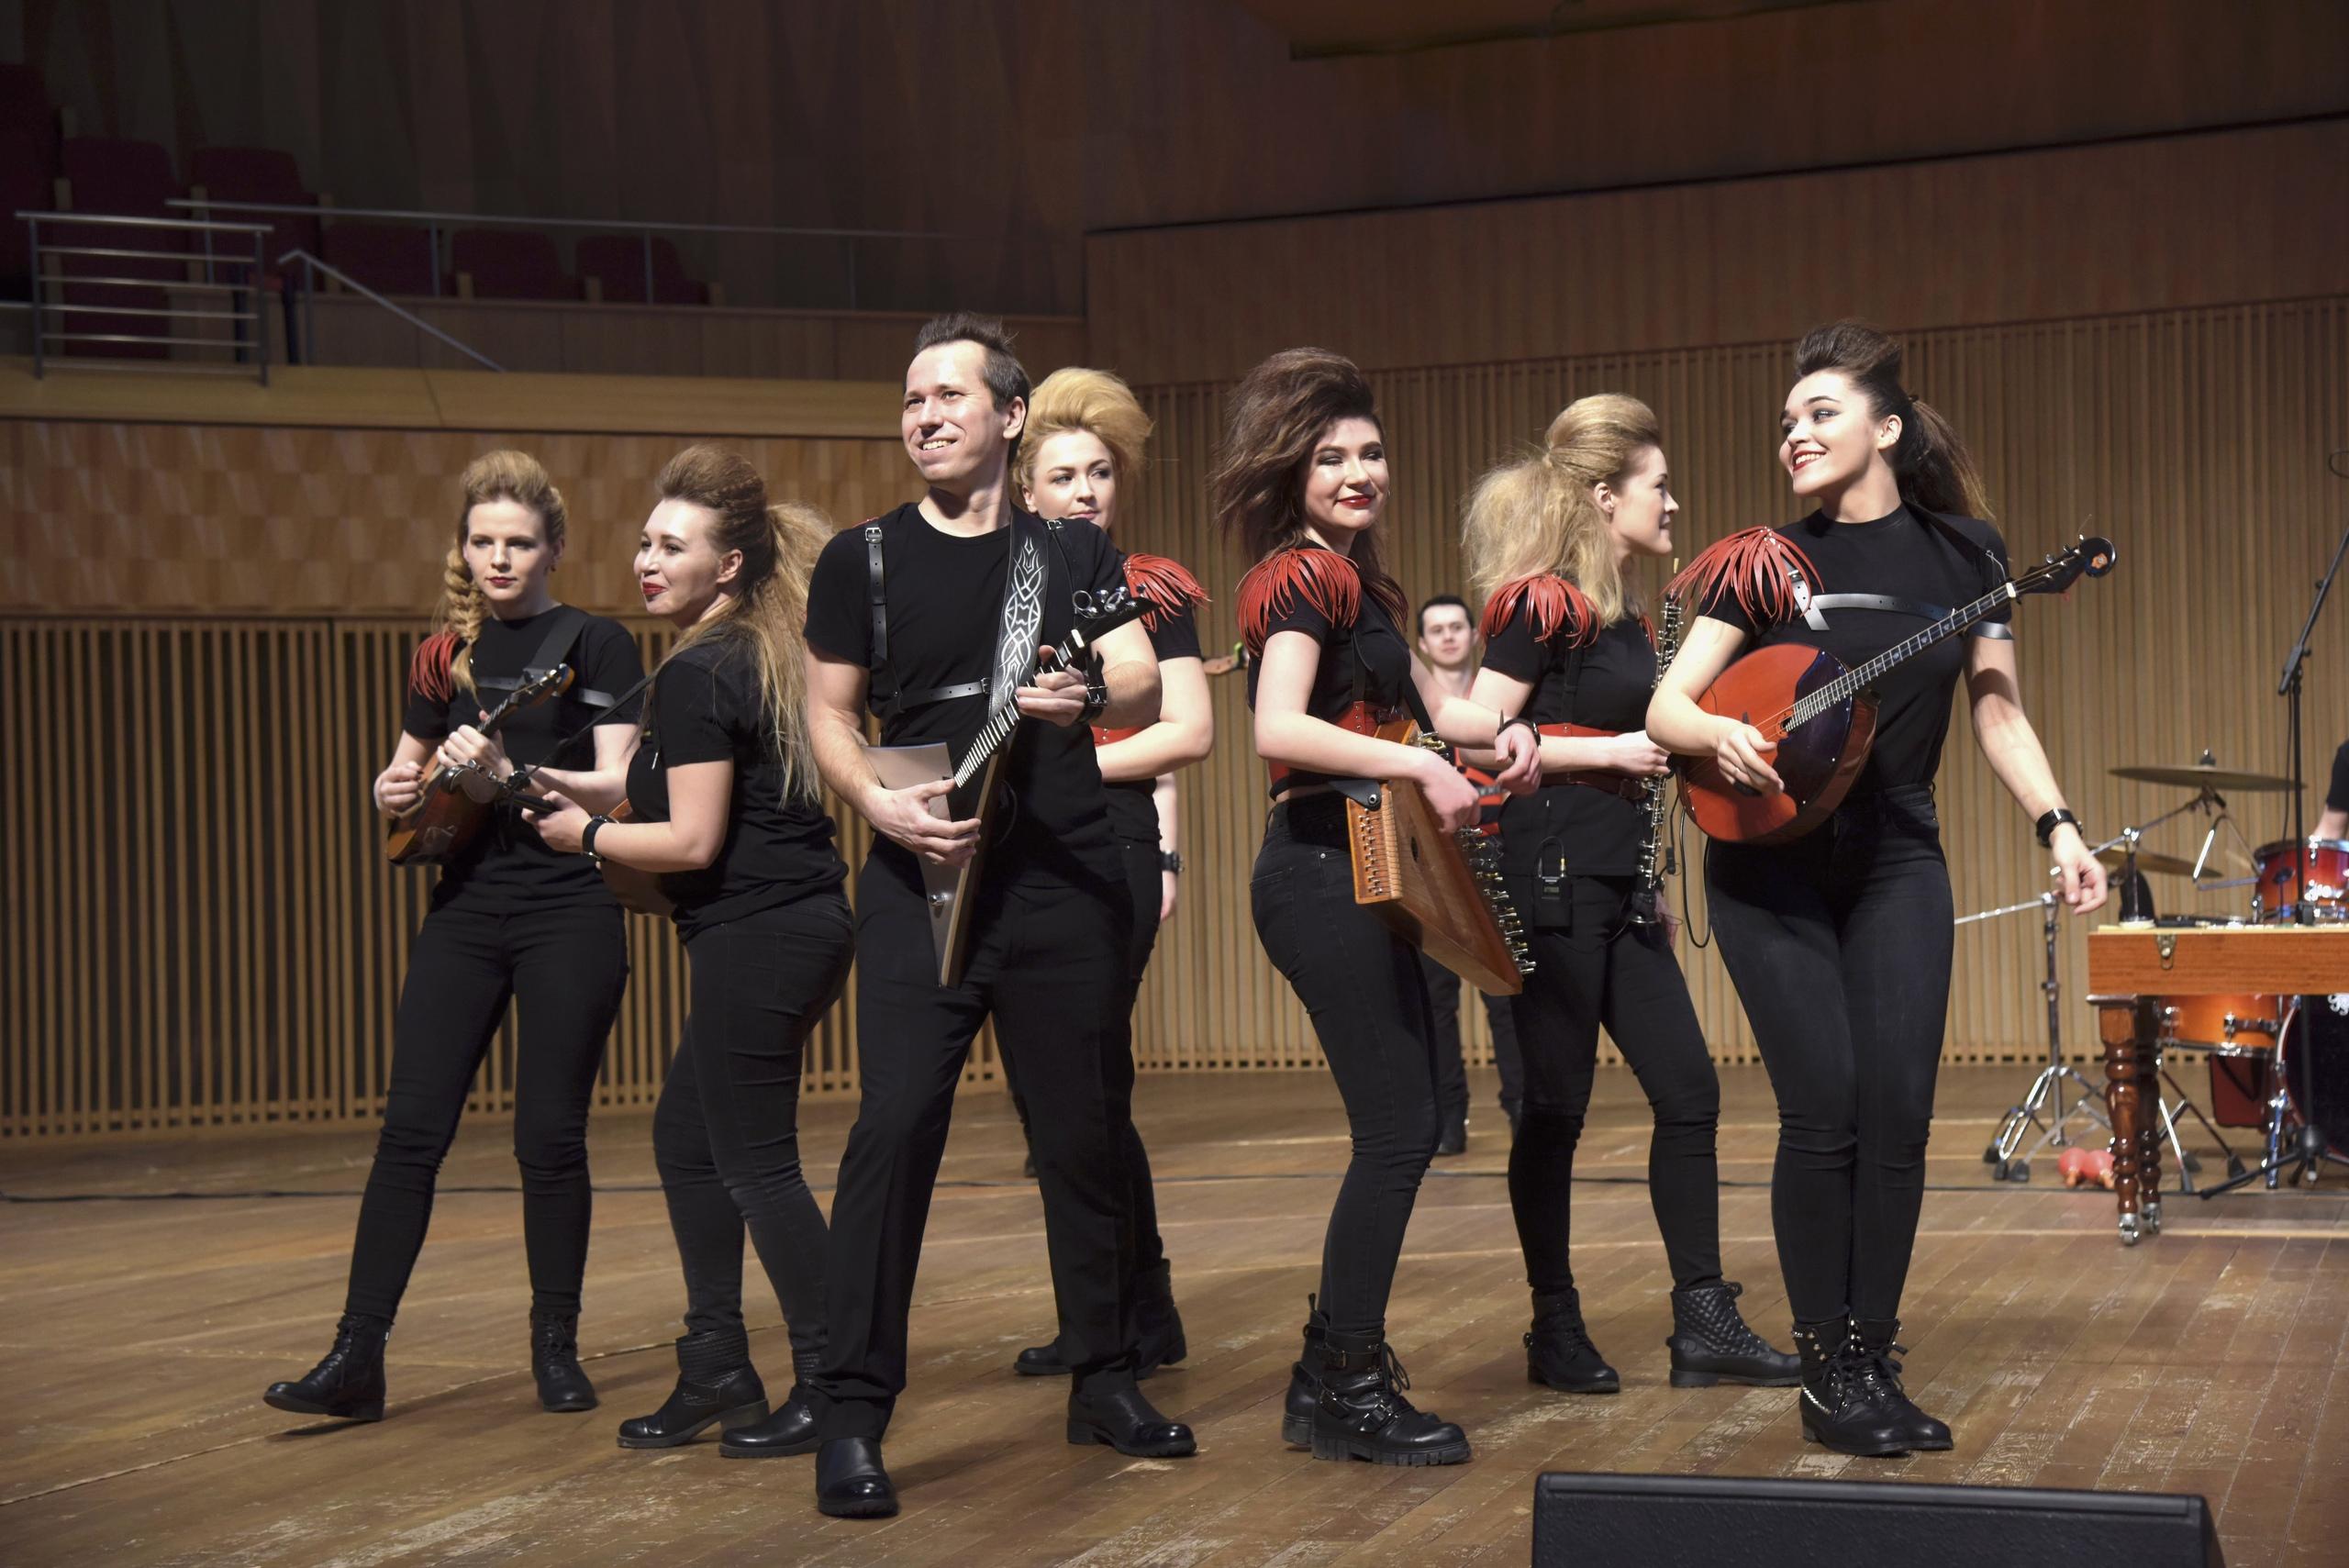 шоу-оркестр русский стиль